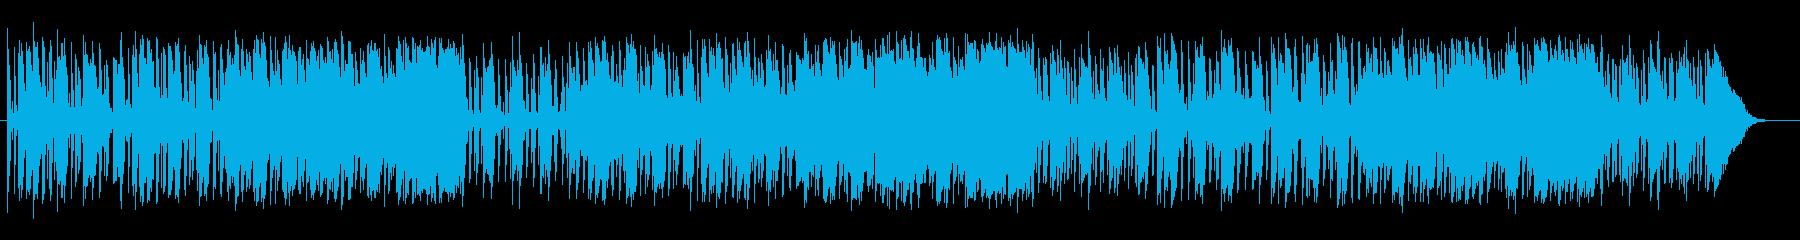 明るく軽やかなシンセピアノサウンドの再生済みの波形